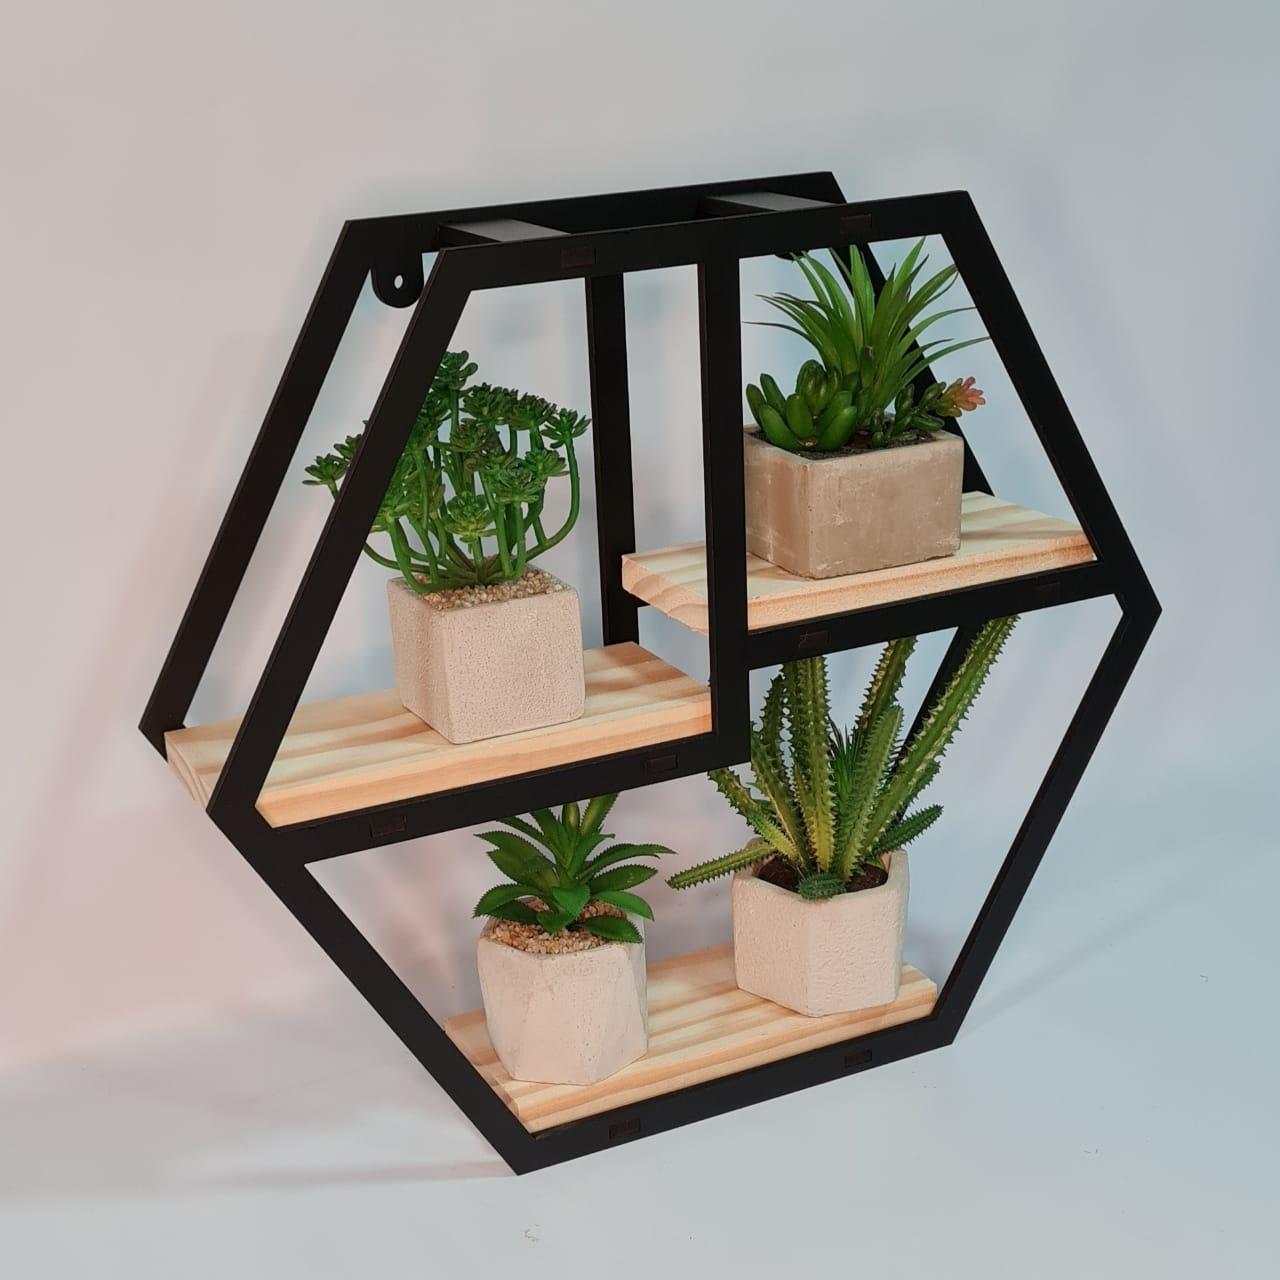 Prateleira Decorativa Nicho Madeira Hexagonal Preto